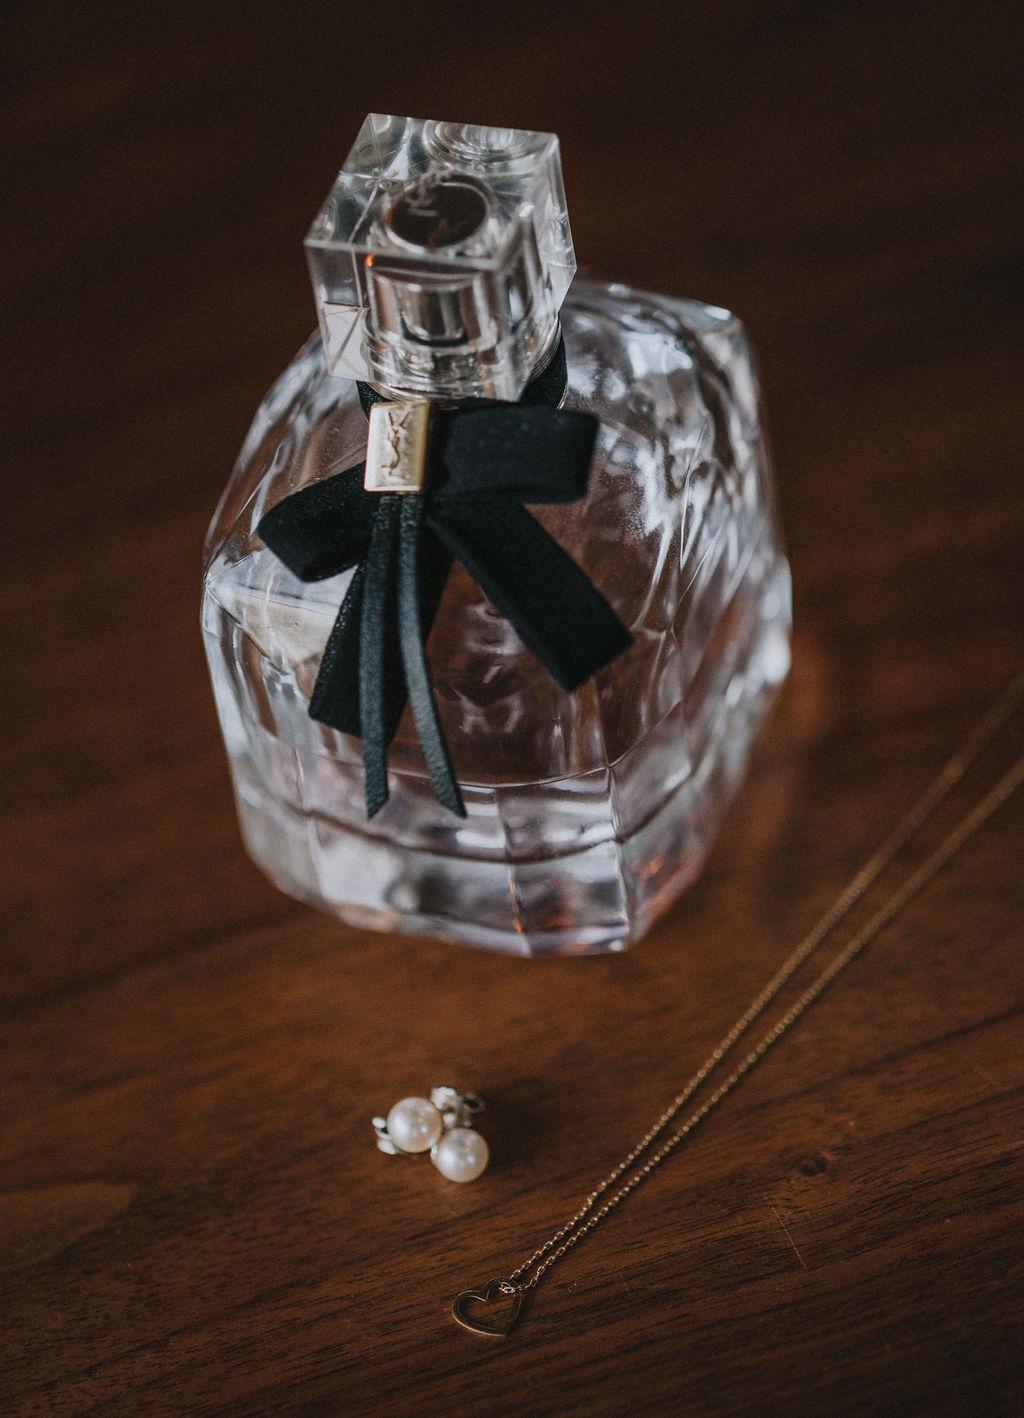 Zweiteiliges Brautkleid aus Braut Body mit Boho Spitze und langem Tüllrock (Foto: a-Stone photography & film)